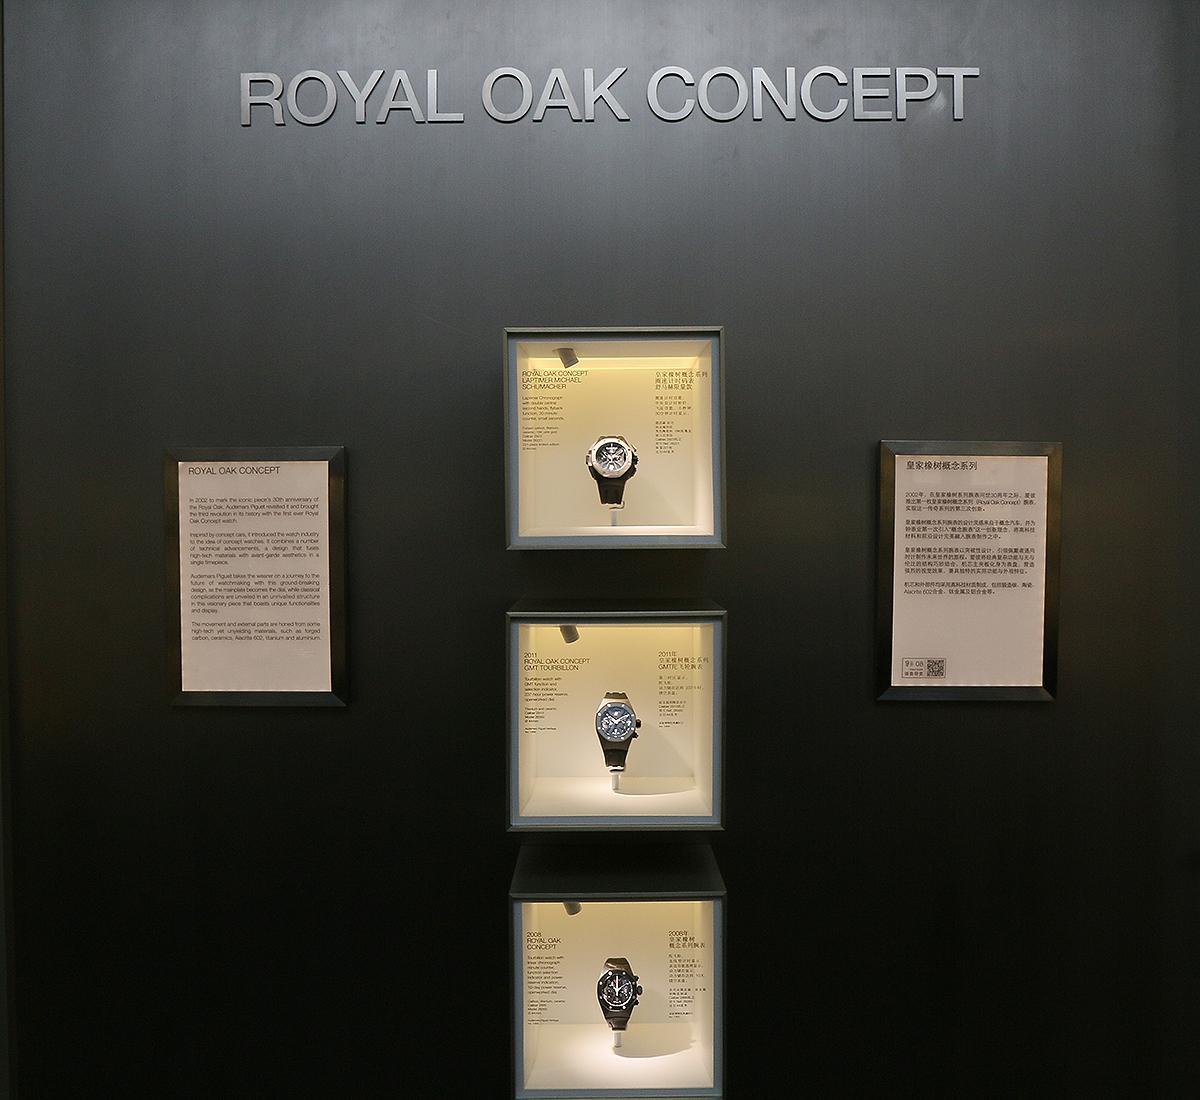 2002年皇家橡樹概念系列登場,錶款運用許多嶄新的技術與科技,強調品牌創新的精神。